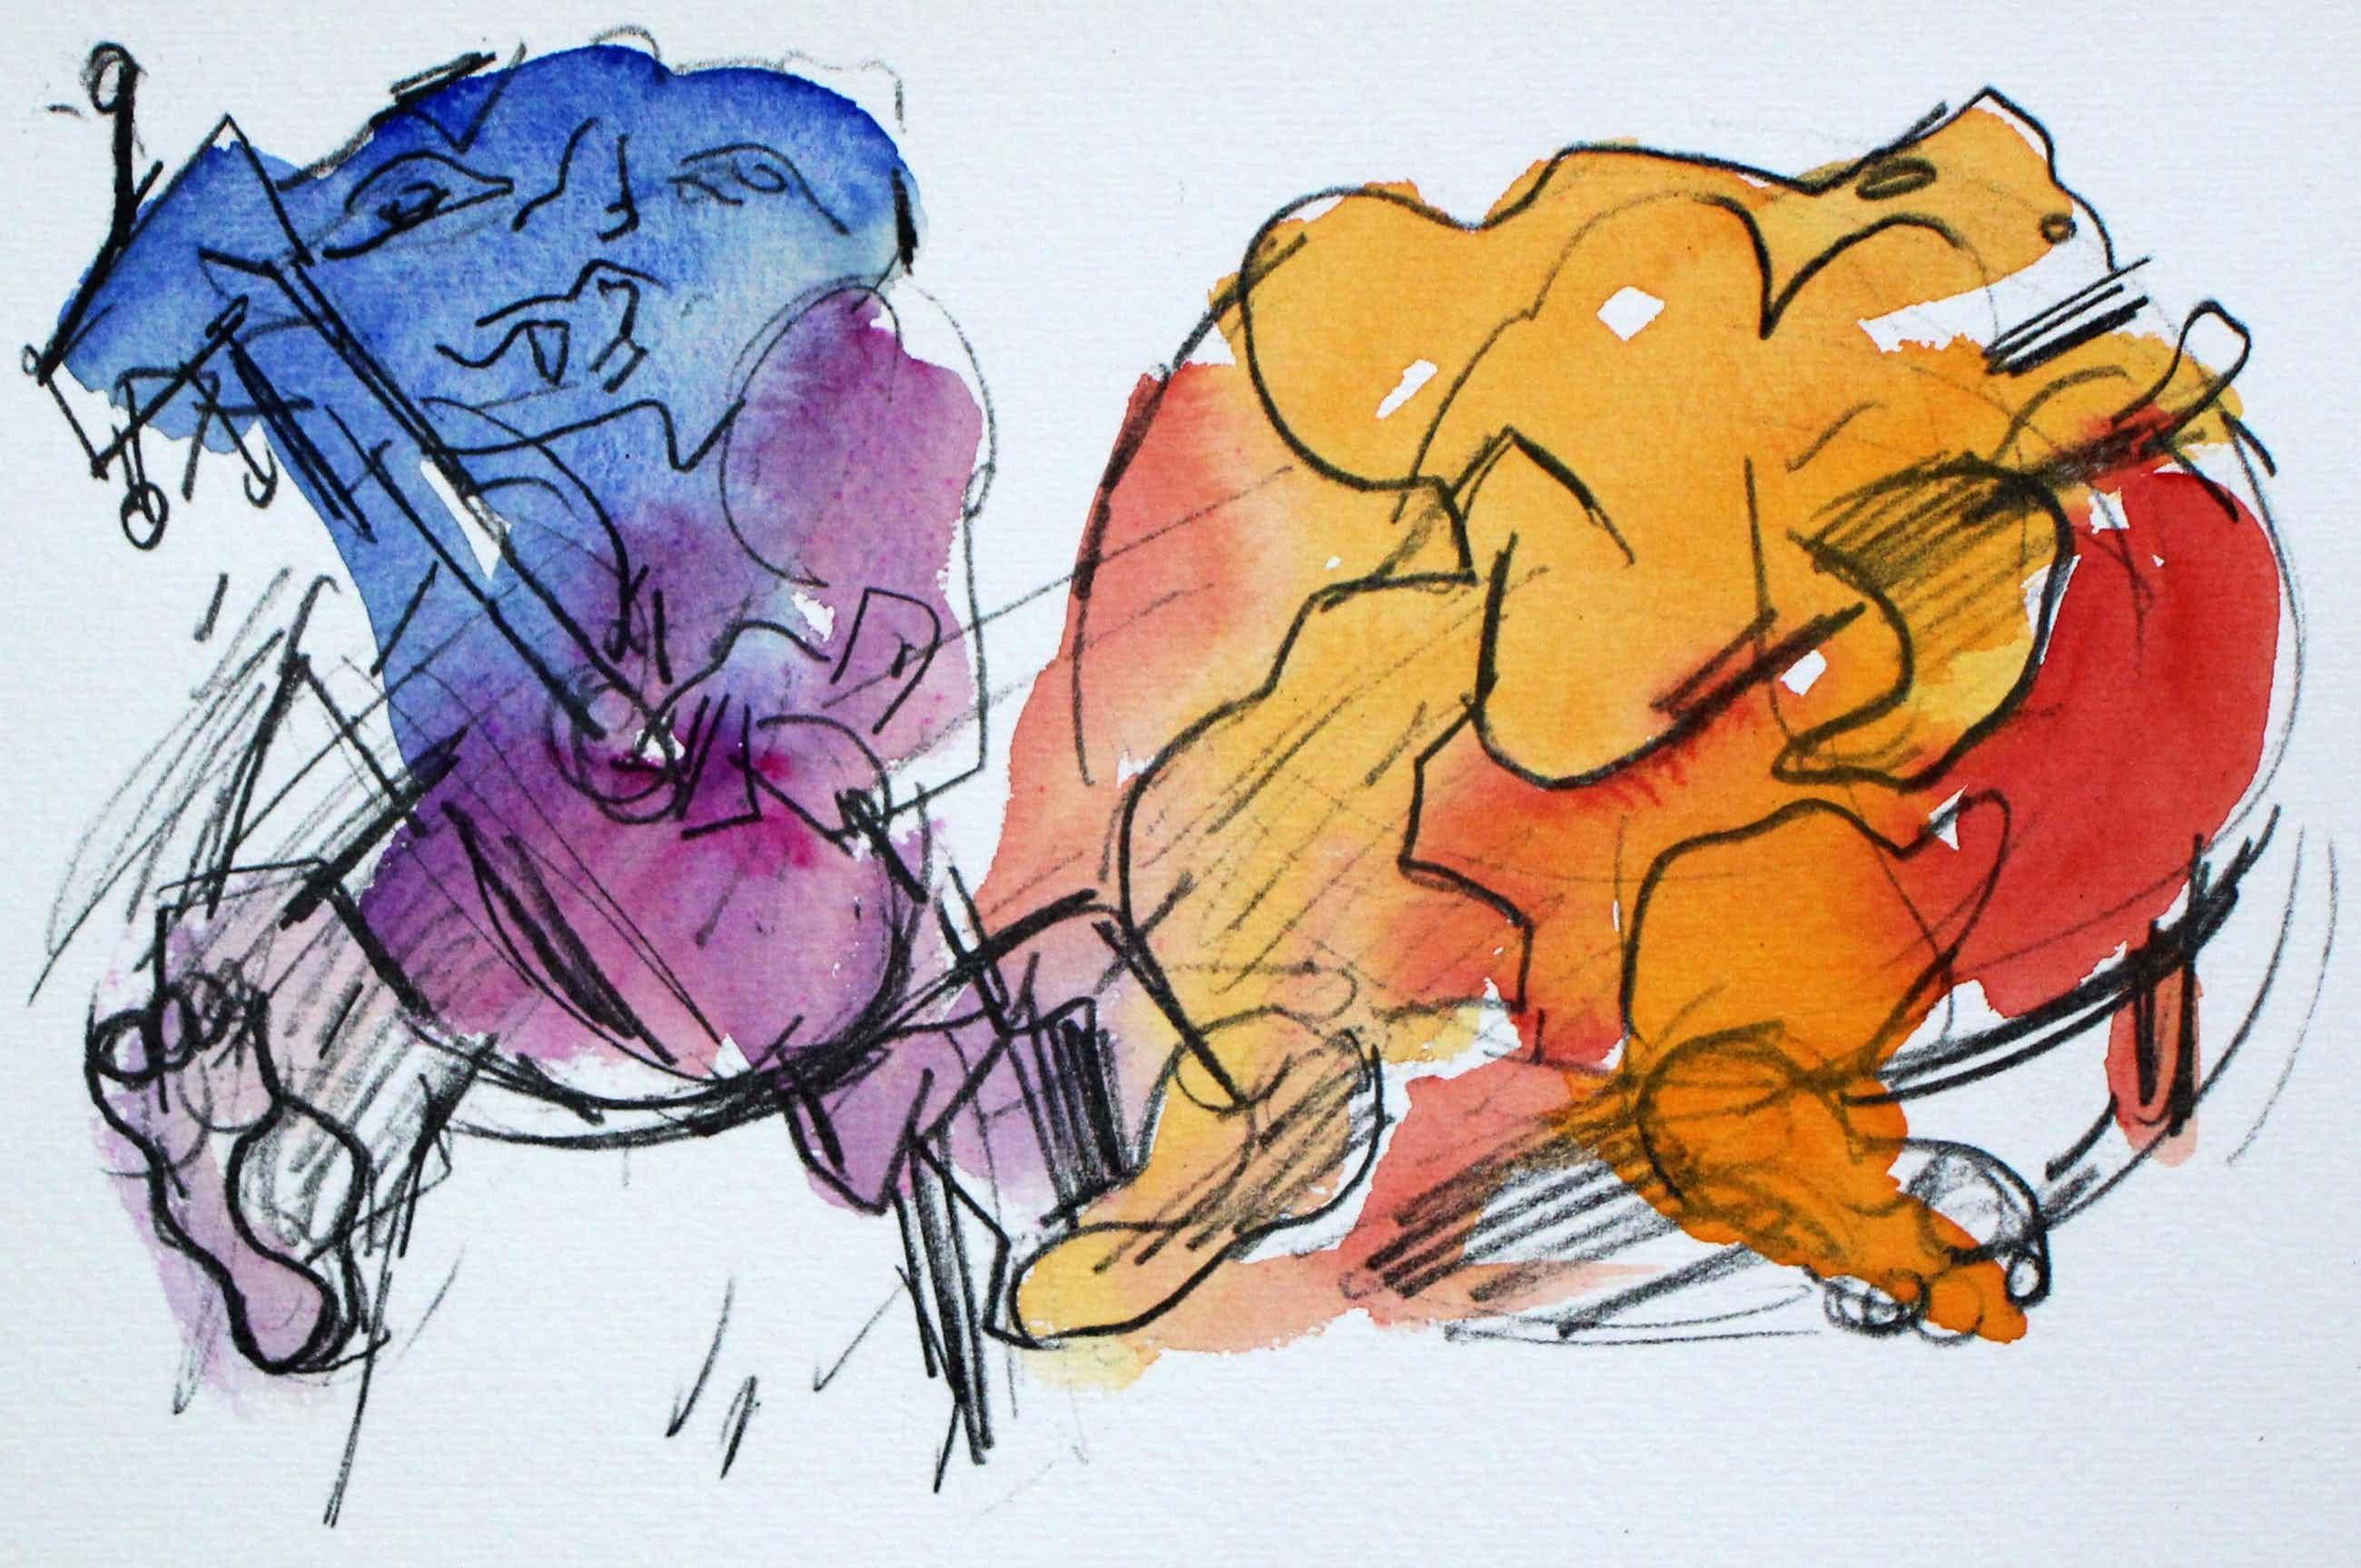 Jan Sierhuis - met de hand ingekleurde litho (aquarel) - 1974 kopen? Bied vanaf 55!